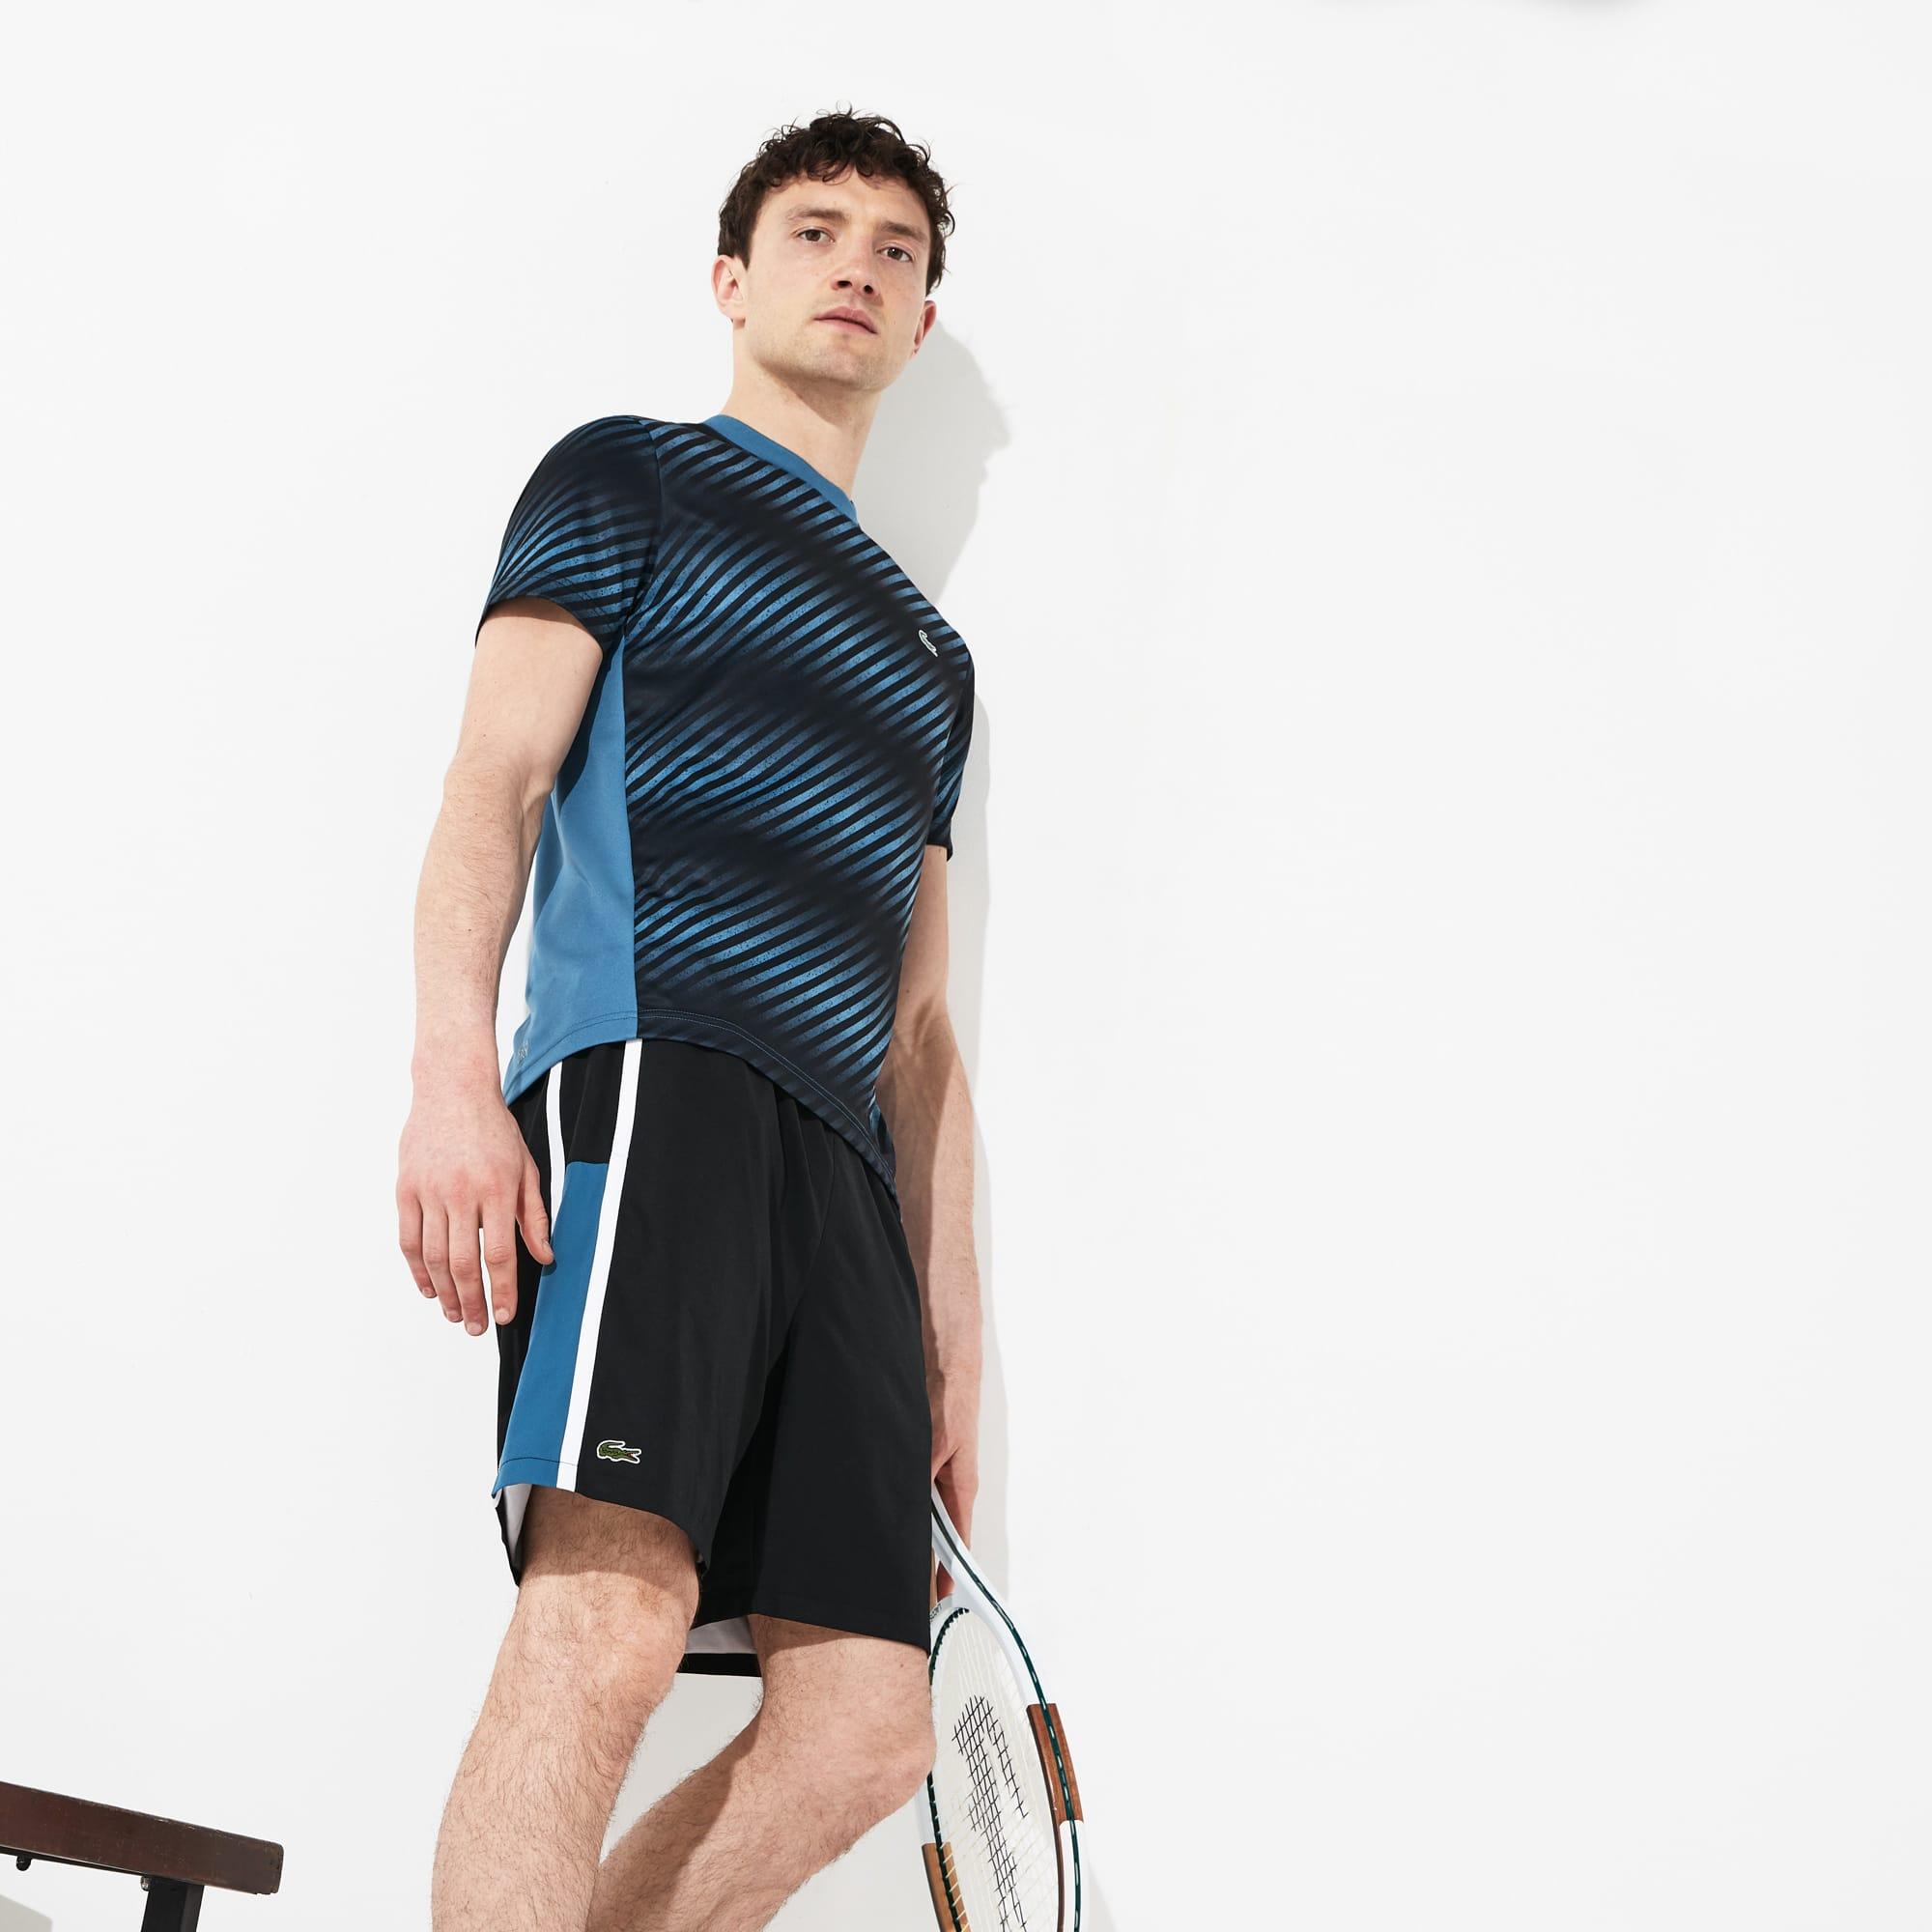 7040e7ee95 + 2 colors. 40% off. Men's SPORT Taffeta Tennis Shorts